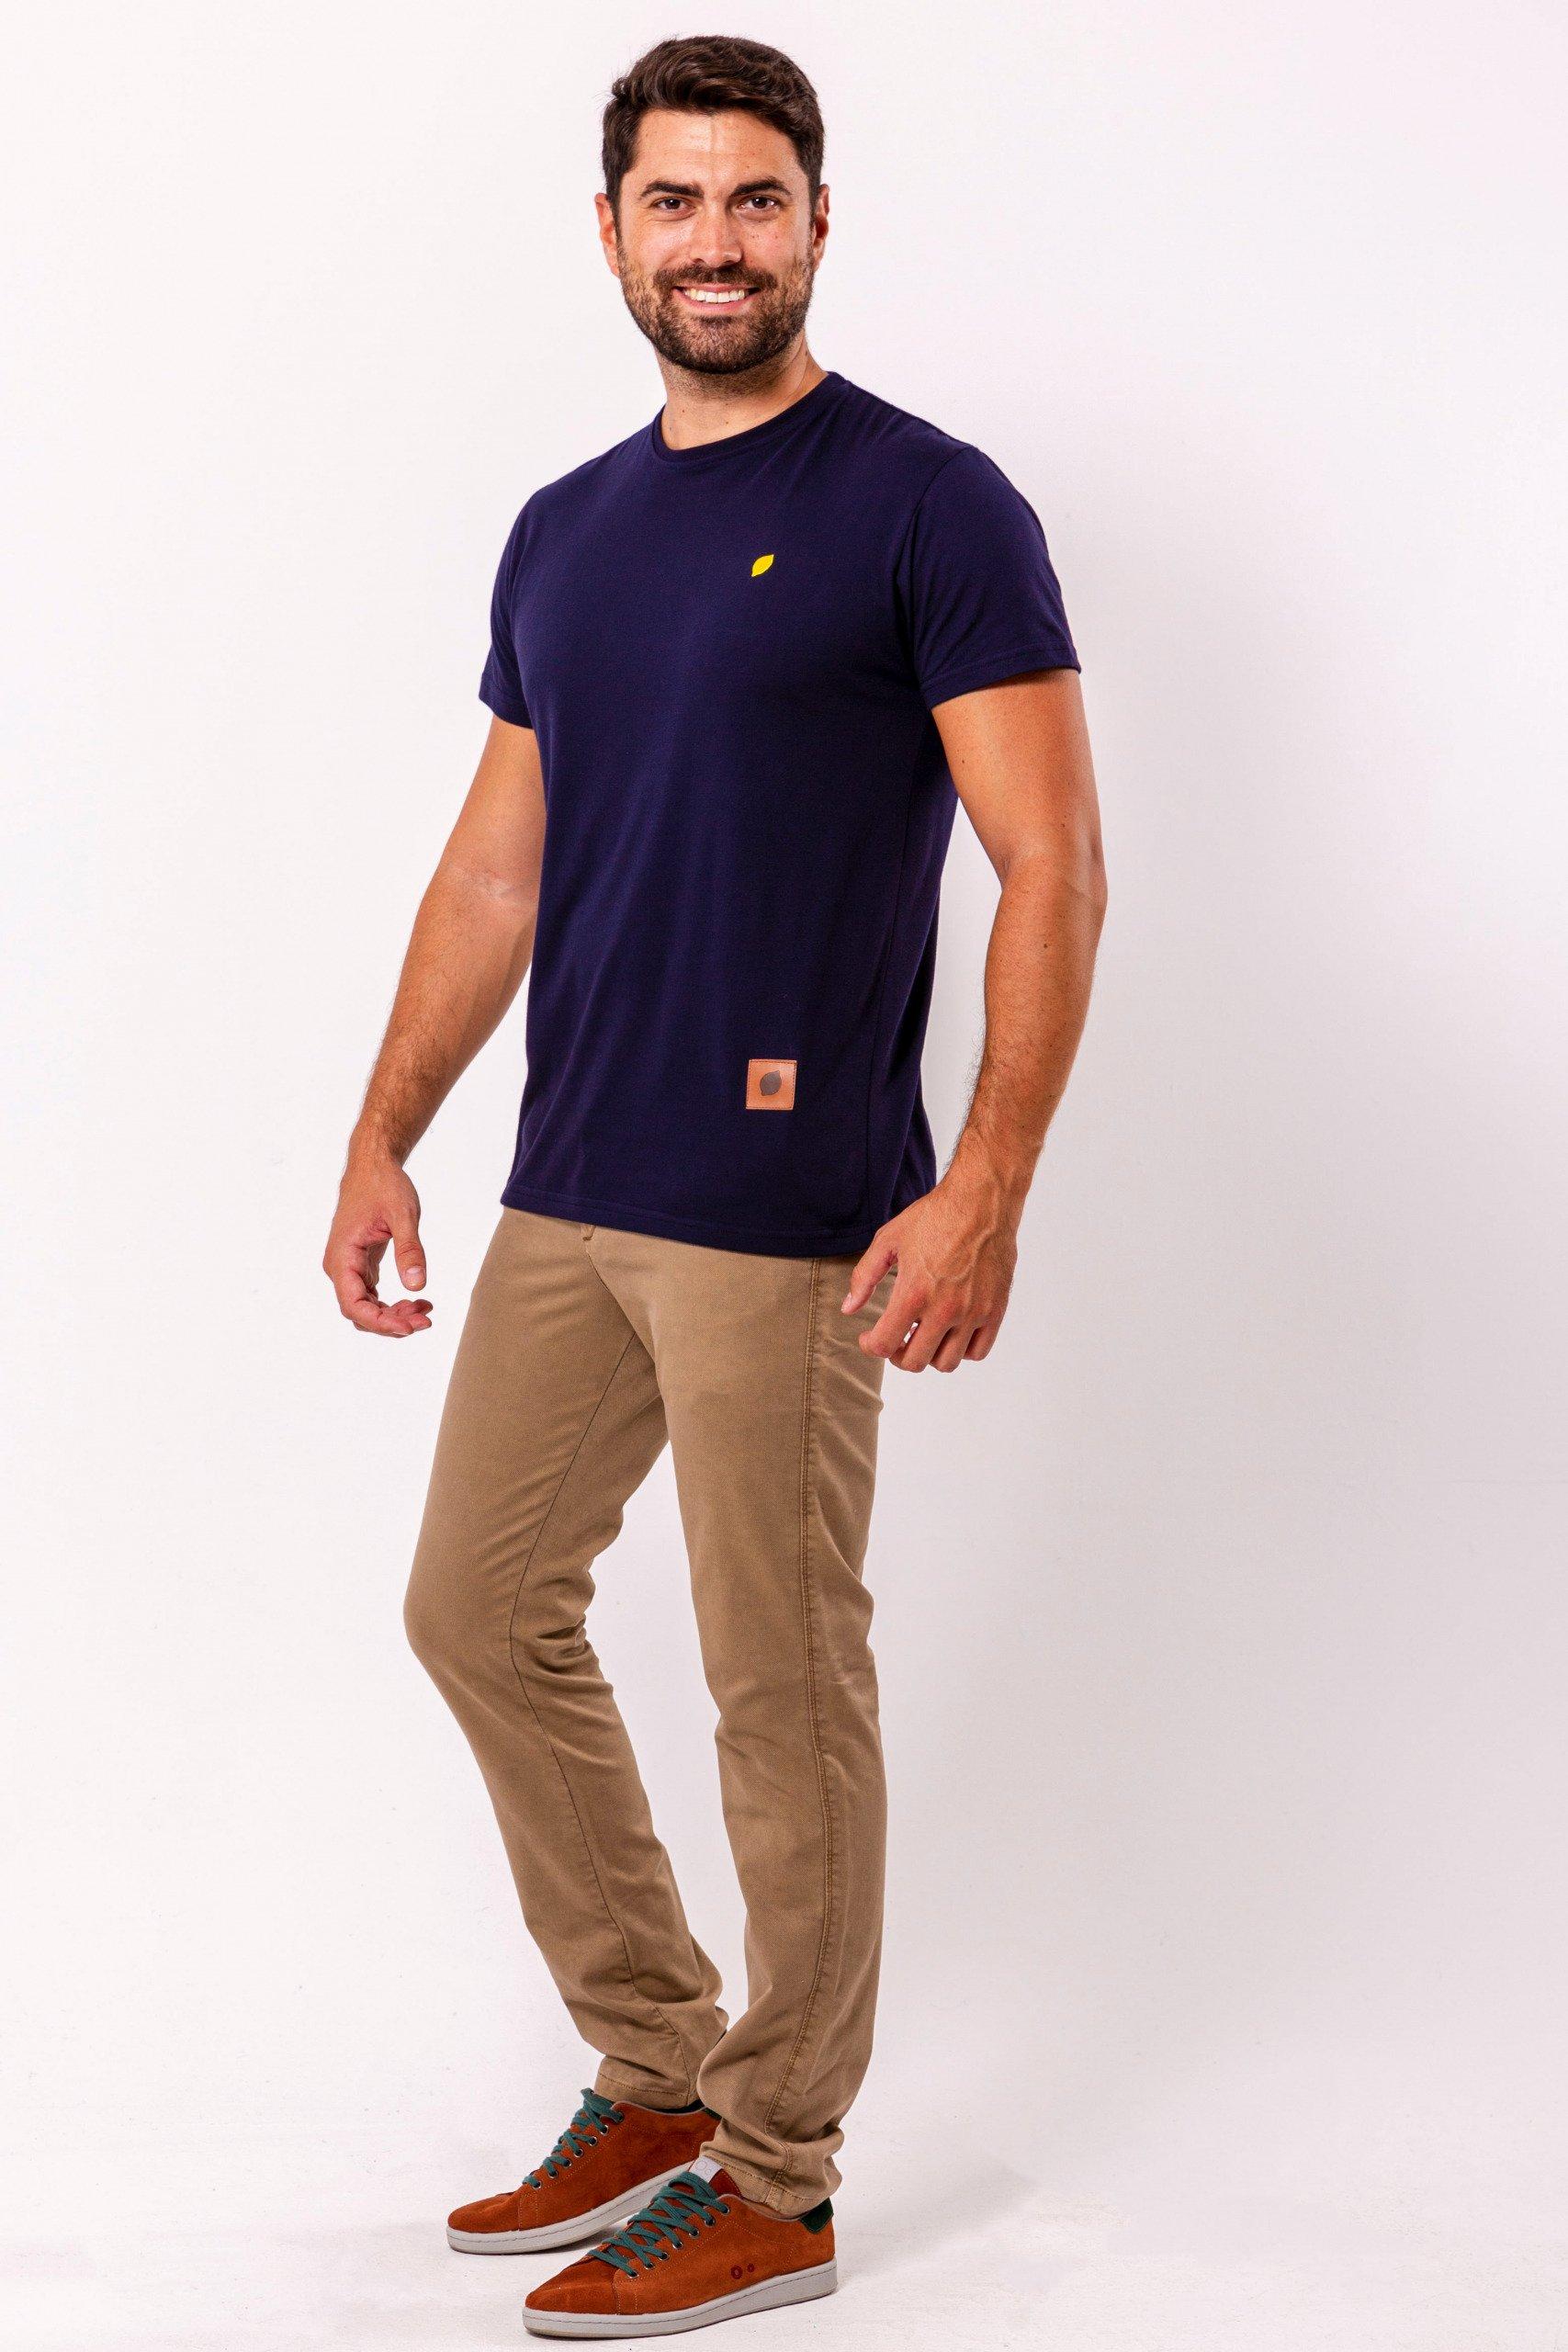 camiseta-sirlemon-basica-marino-bordado-fabricada-en-españa